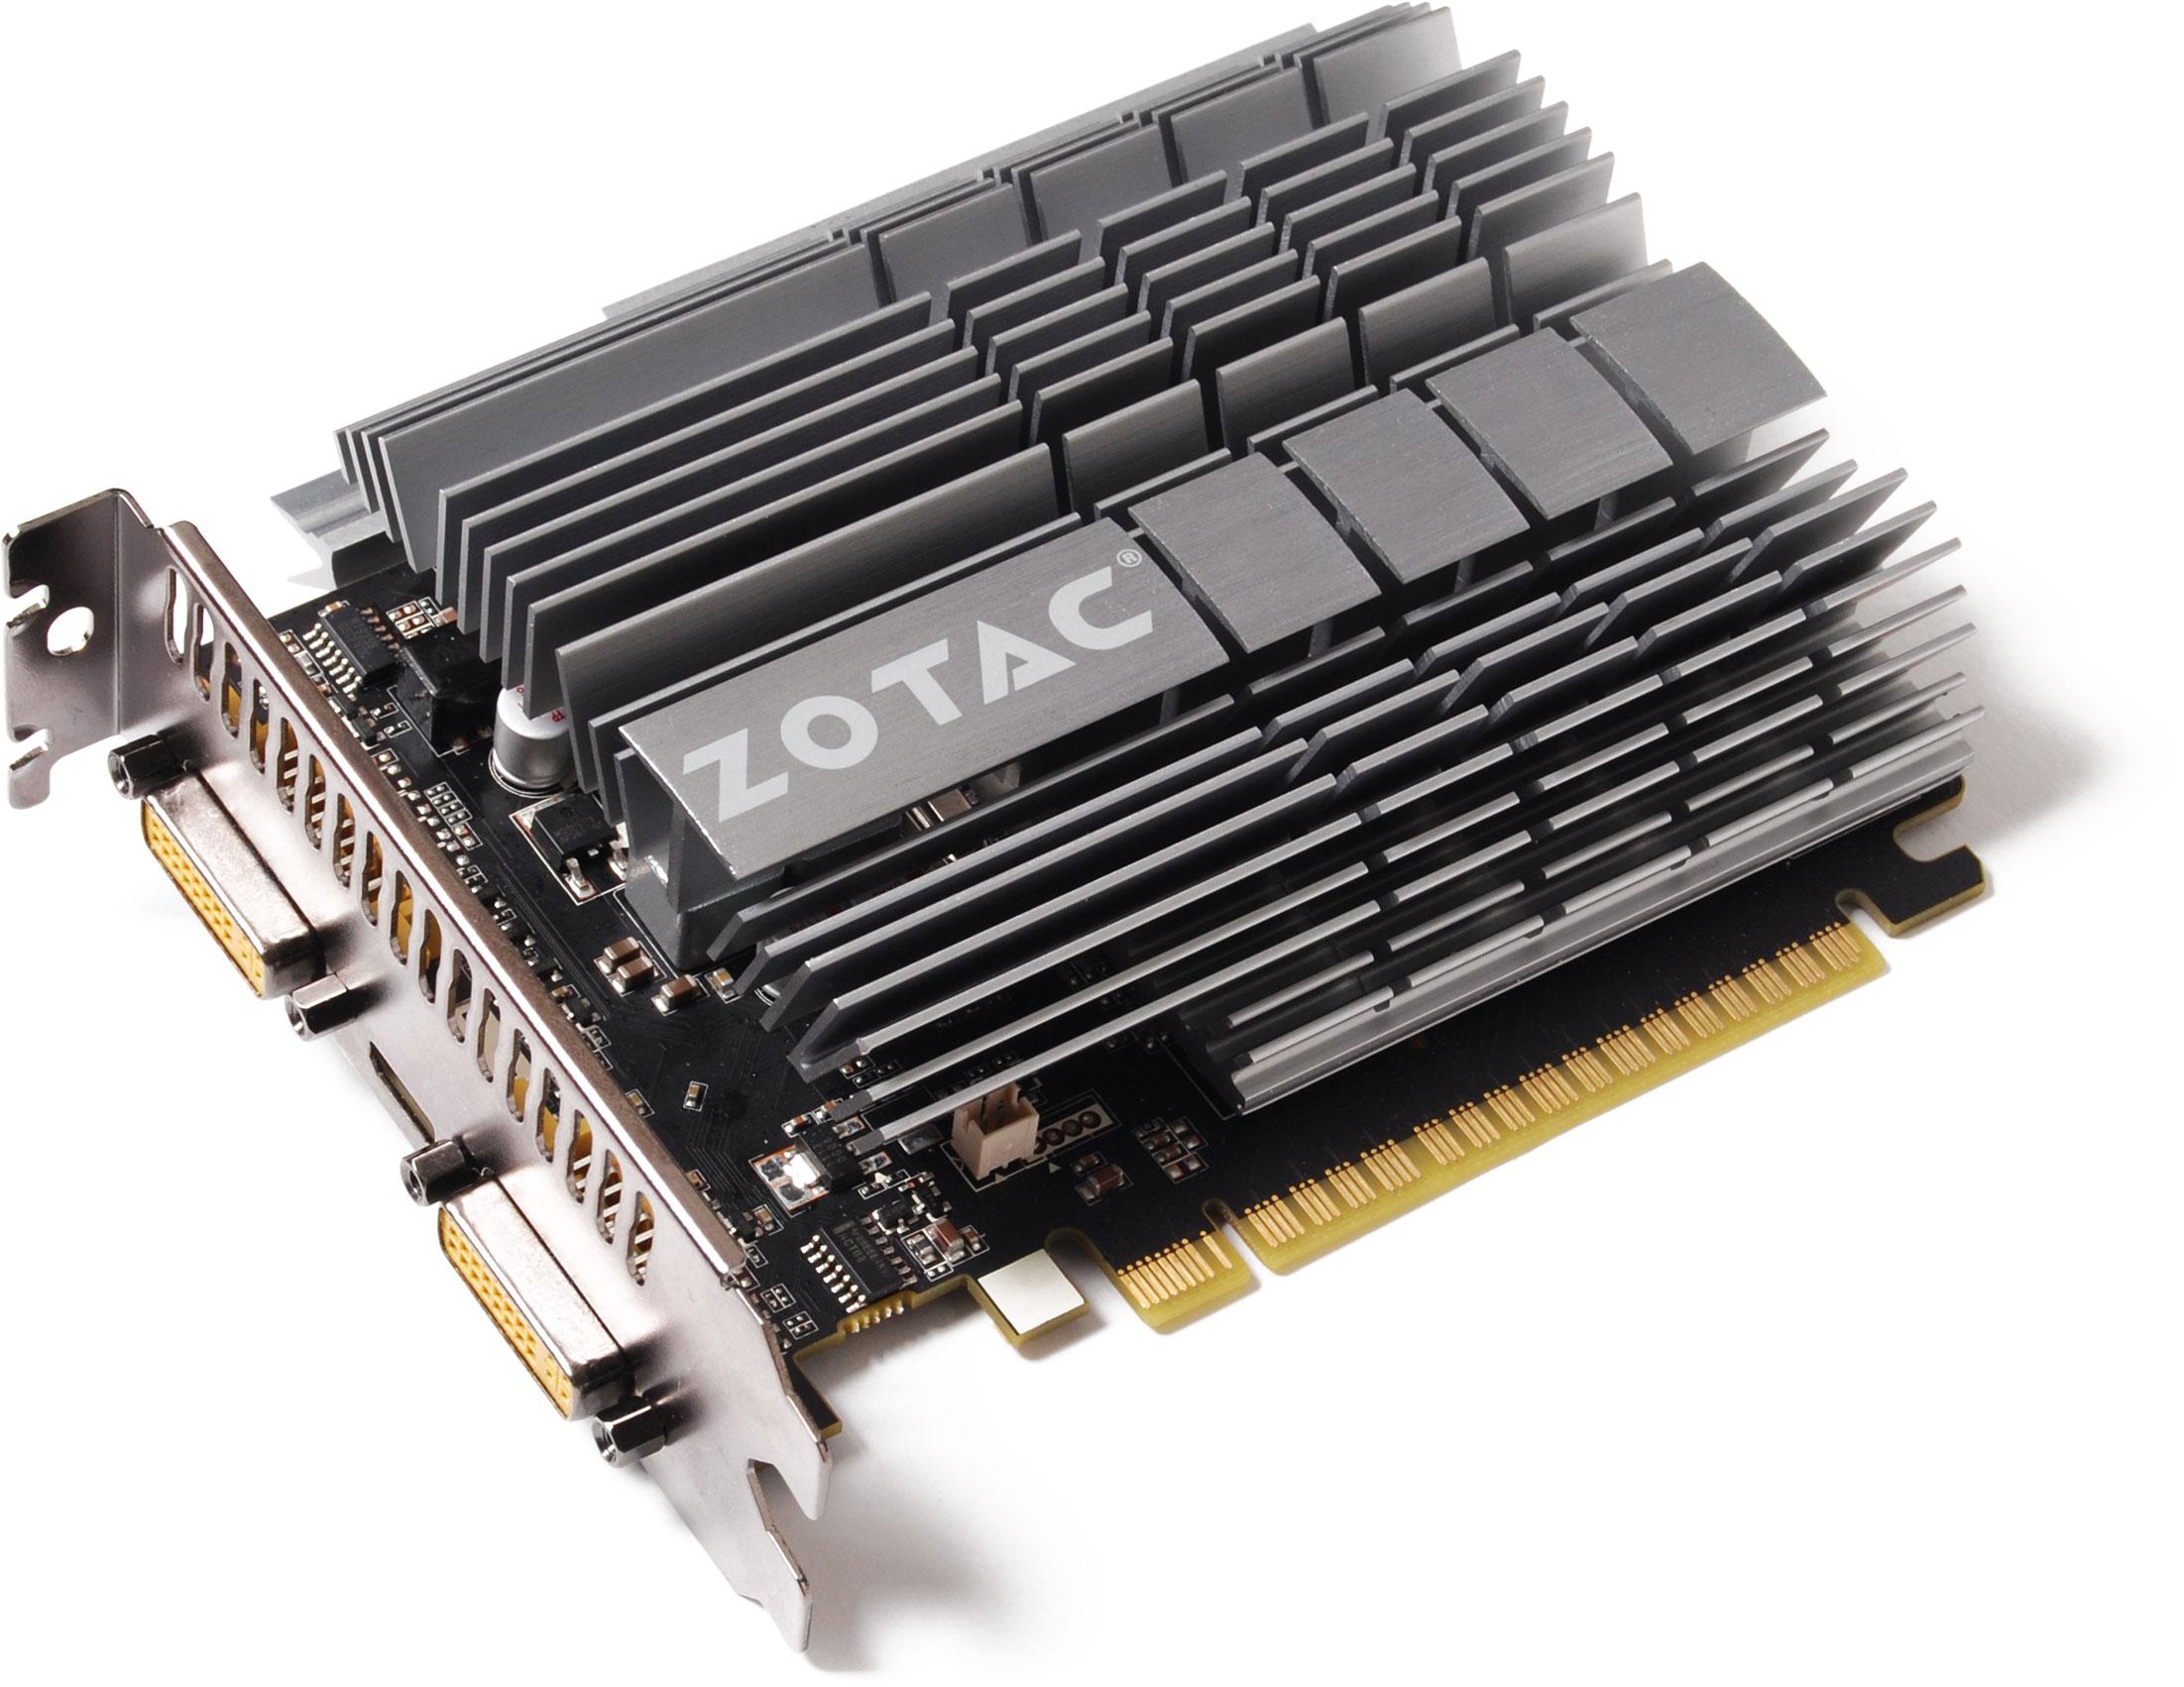 Драйвер для nvidia geforce gt 430 скачать